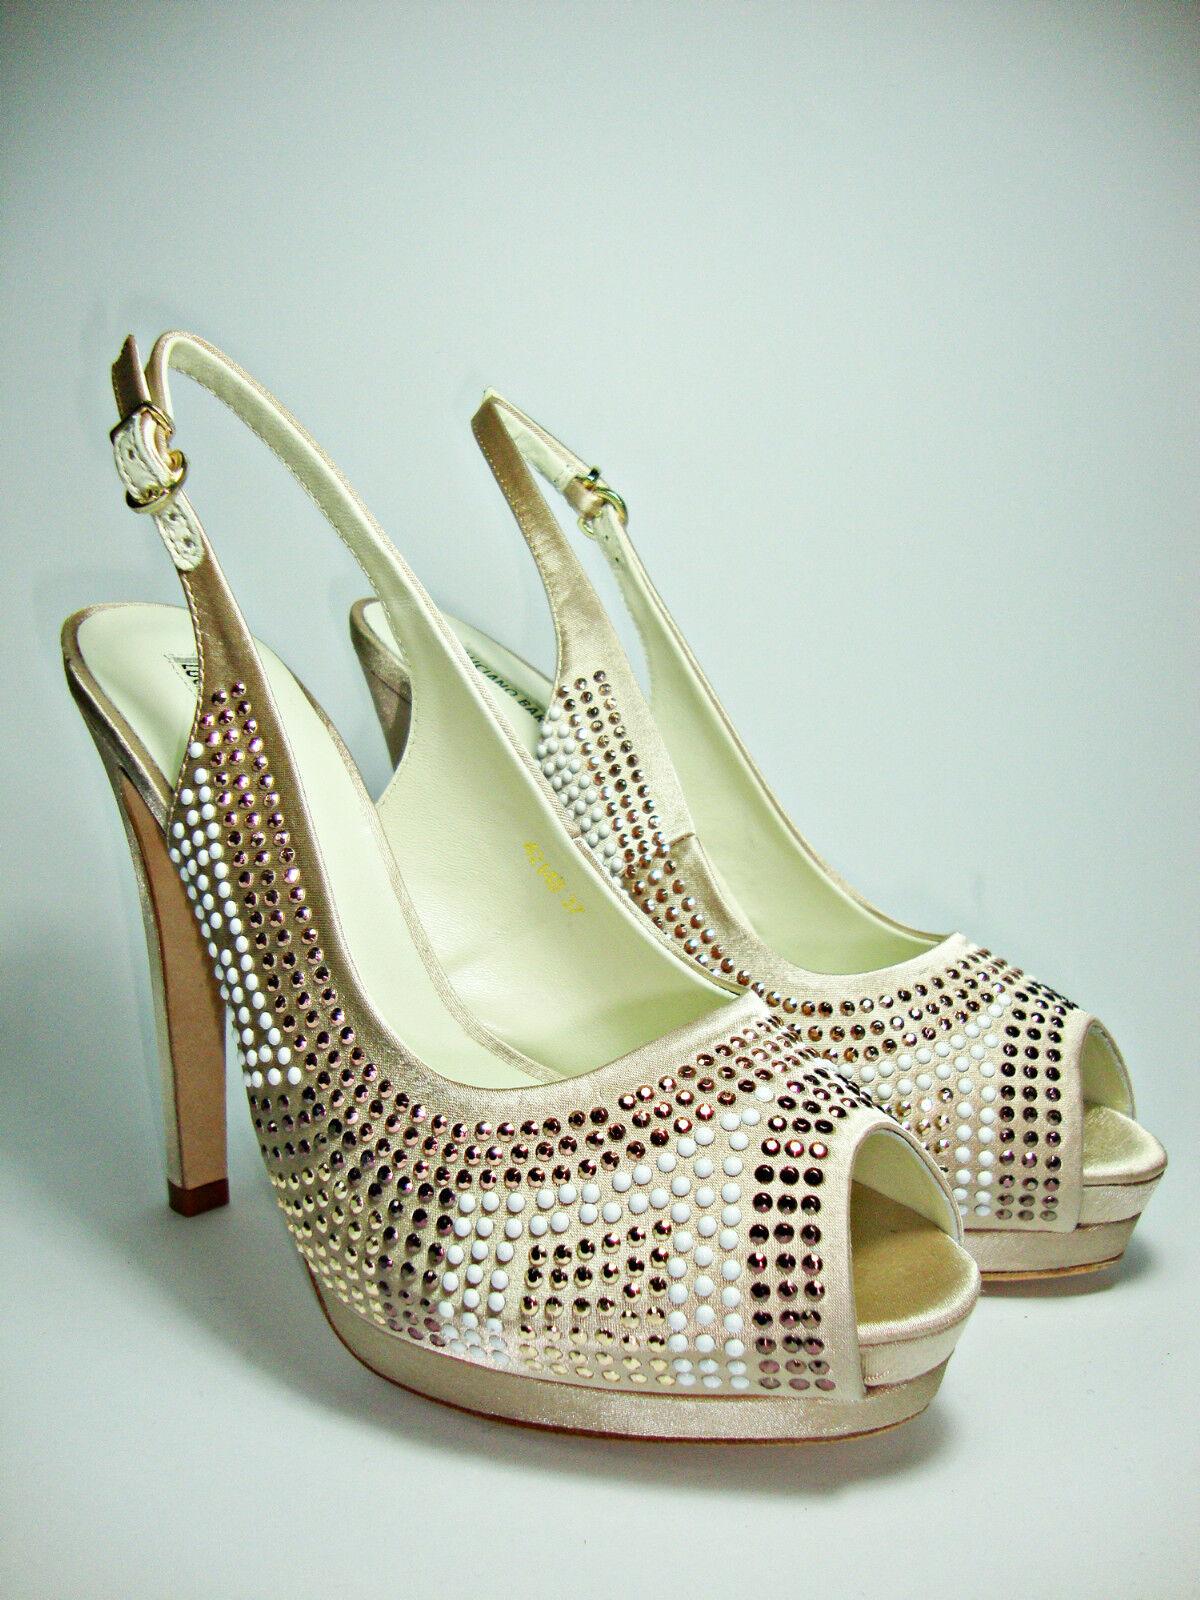 LUCIANO BARACHINI donna 4214B scarpe decoltè sandali donna BARACHINI strass gioiello tacco alto ca64fa